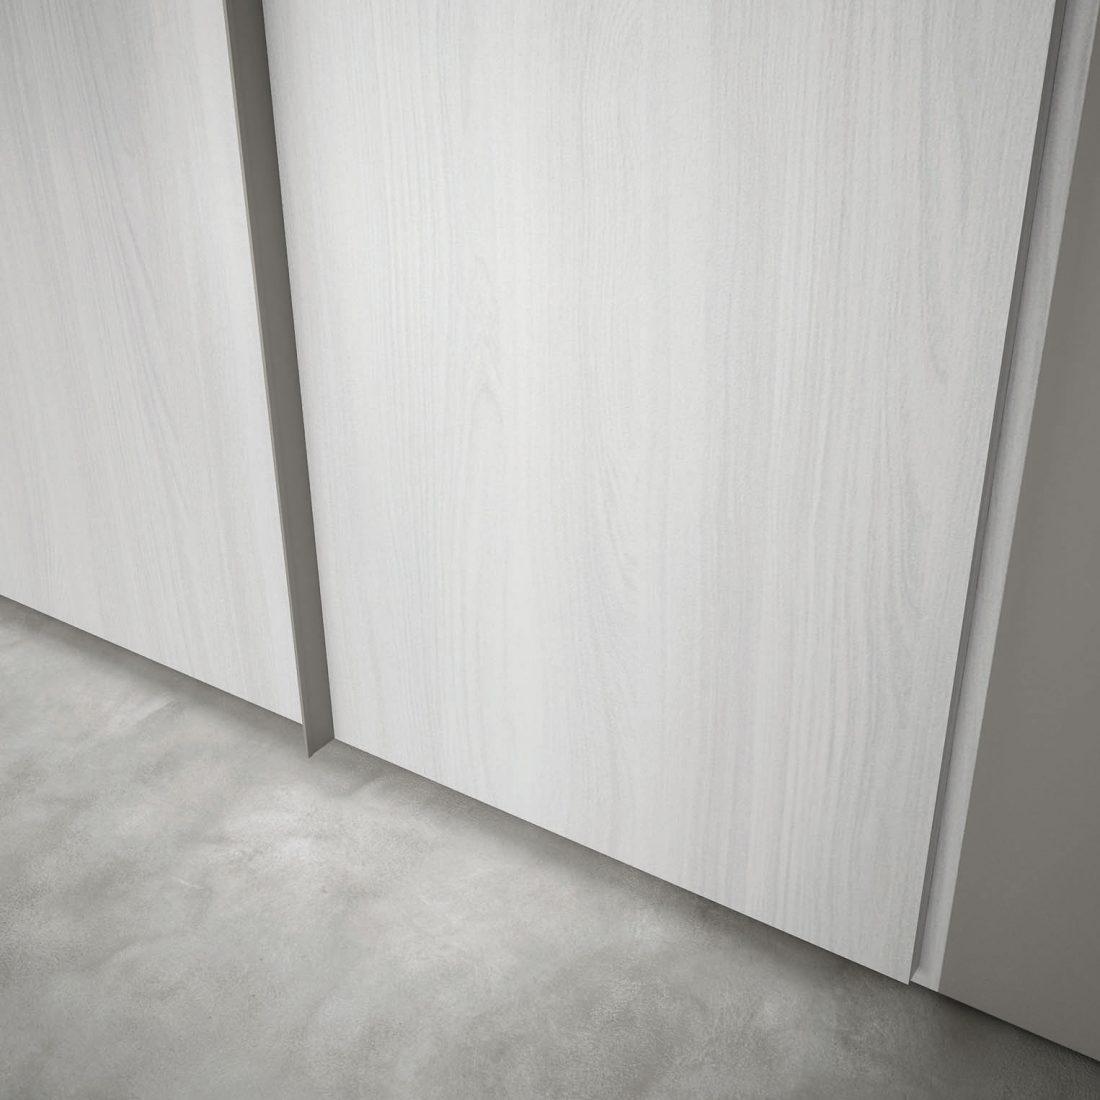 ντουλάπες υπνοδωματίου ανοιγόμενες sylor